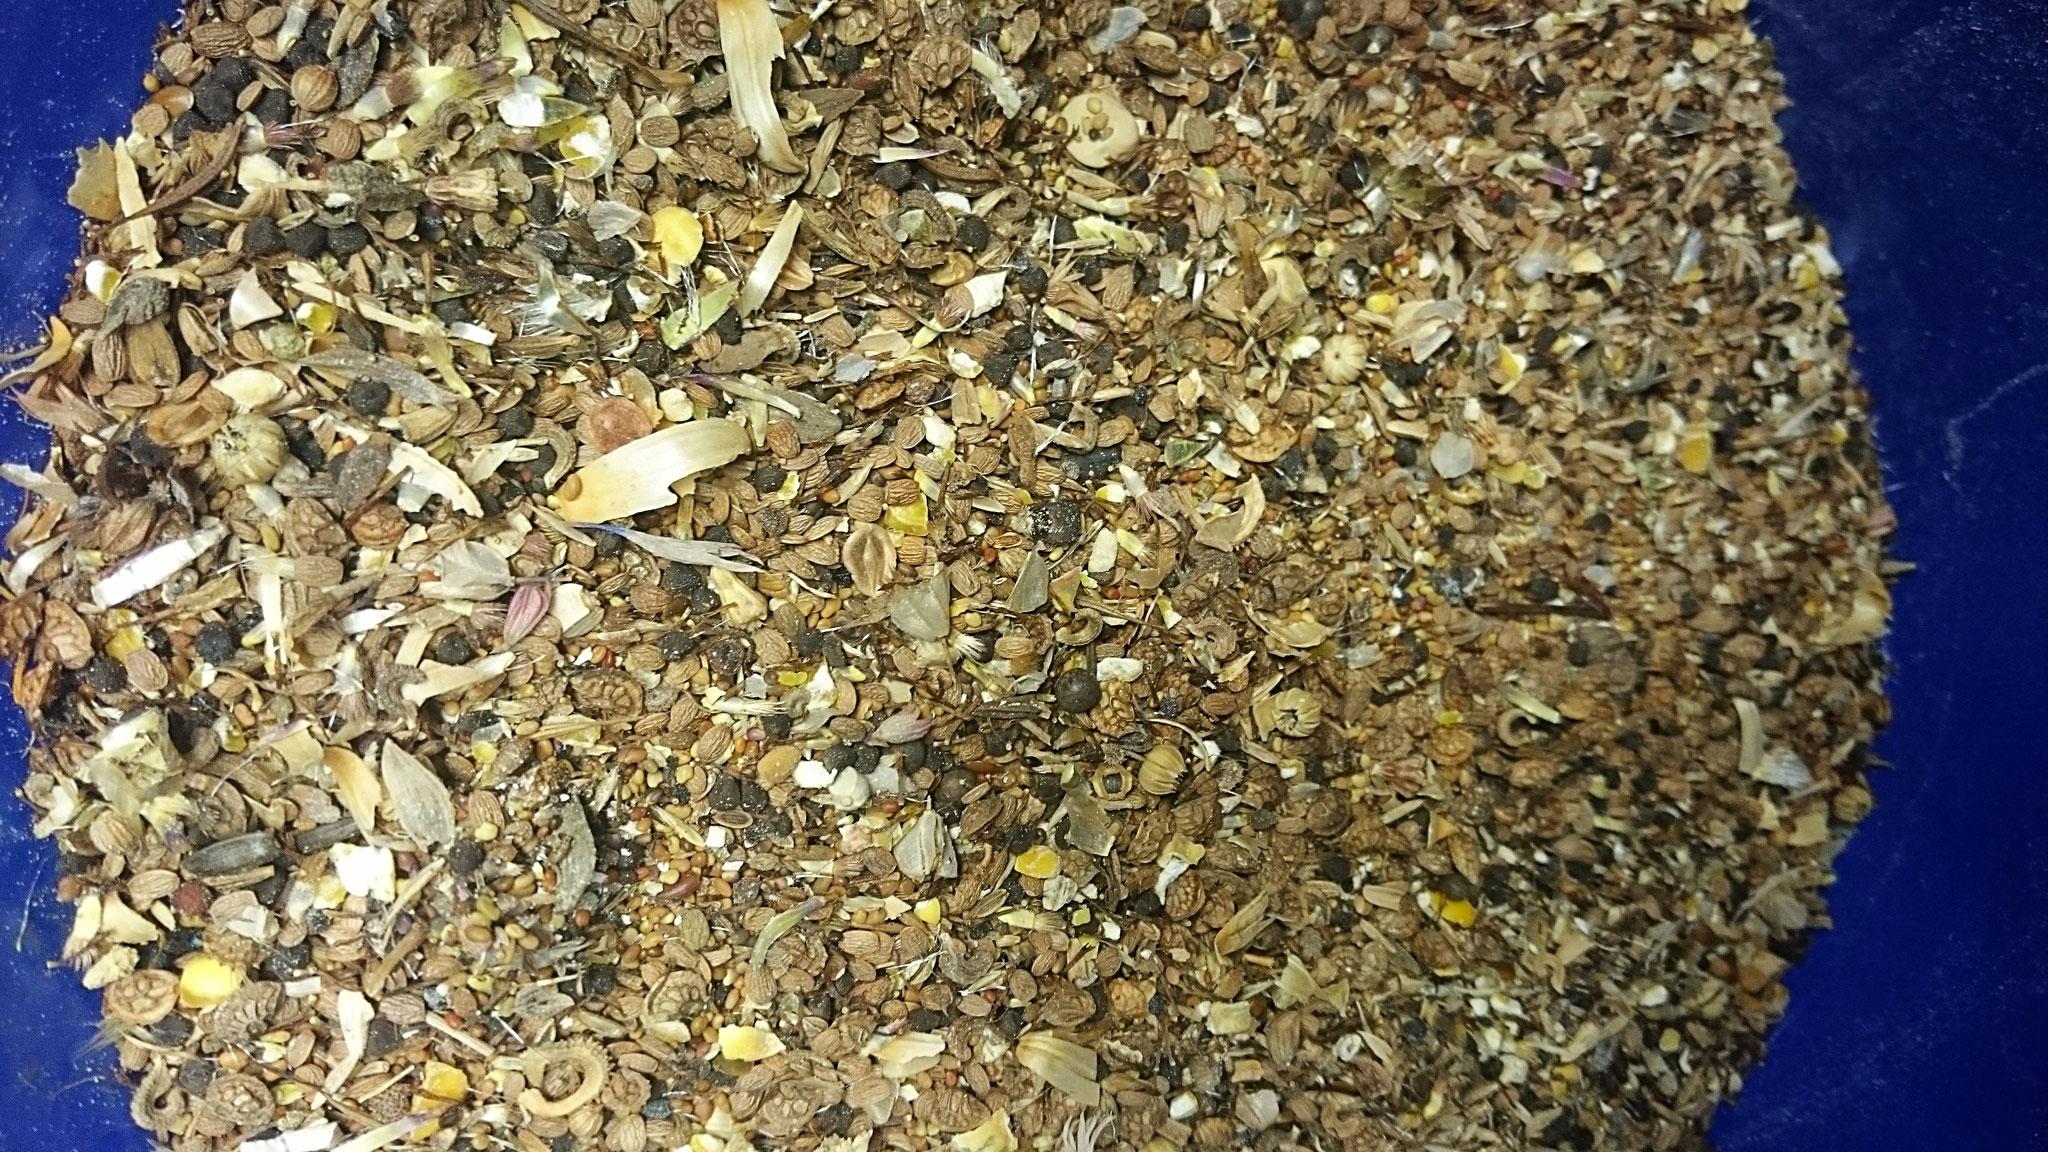 """alles im Eimer: heimische Samen von Blühpflanzen gemischt mit """"Bunter-Meter""""-Saatmischung ergibt eine ganz eigene Zusammensetzung - Foto: Britta Raabe"""